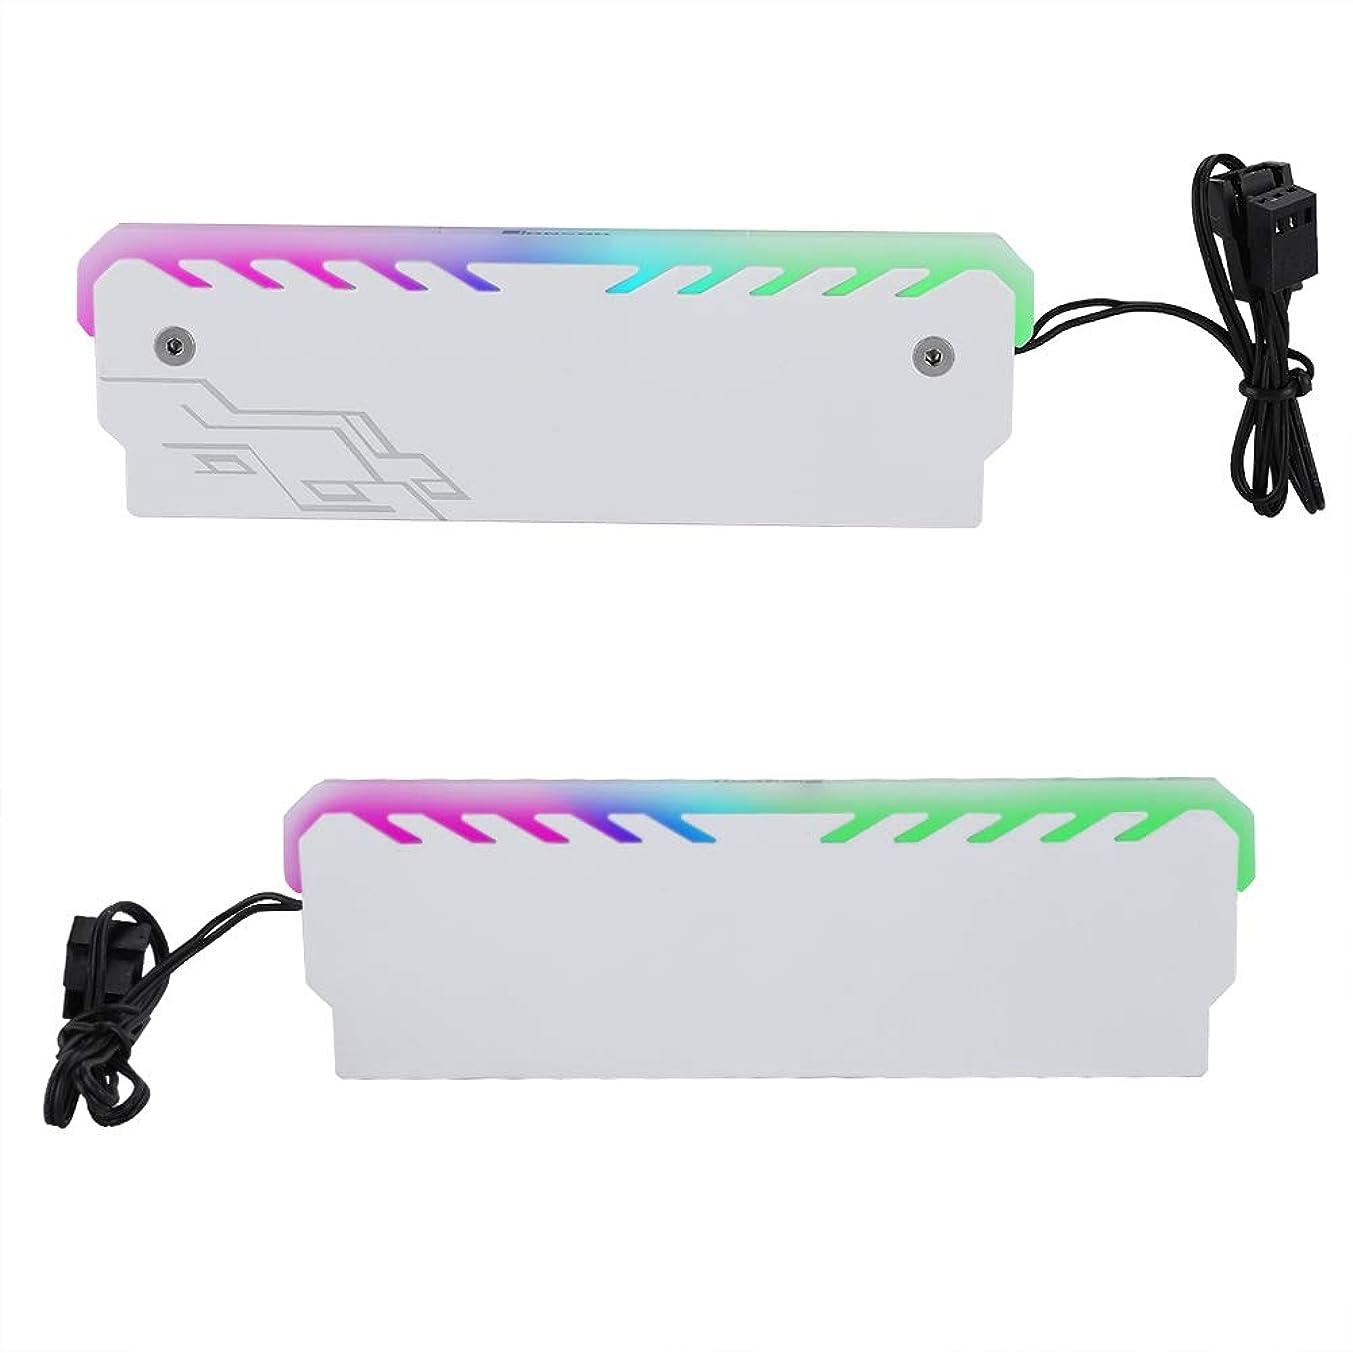 Yoidesu RGB Memory Heatsink Memory RAM RGB Cooler Heat Sink Cooling Vest for DIY 3PIN White